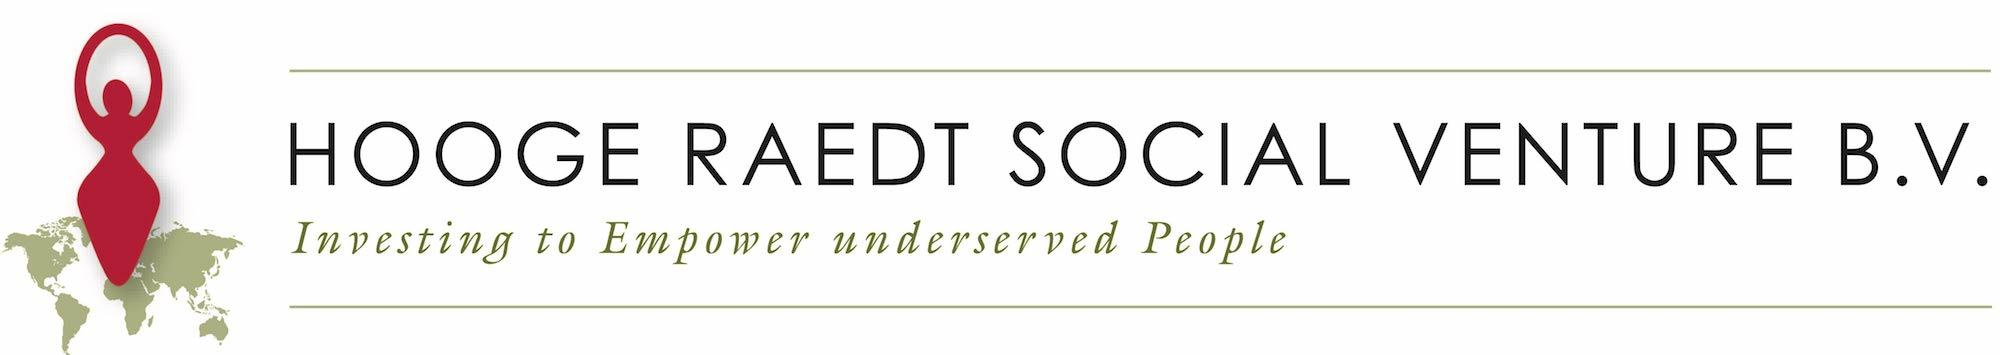 Hooge-Raedt-Social-Venture